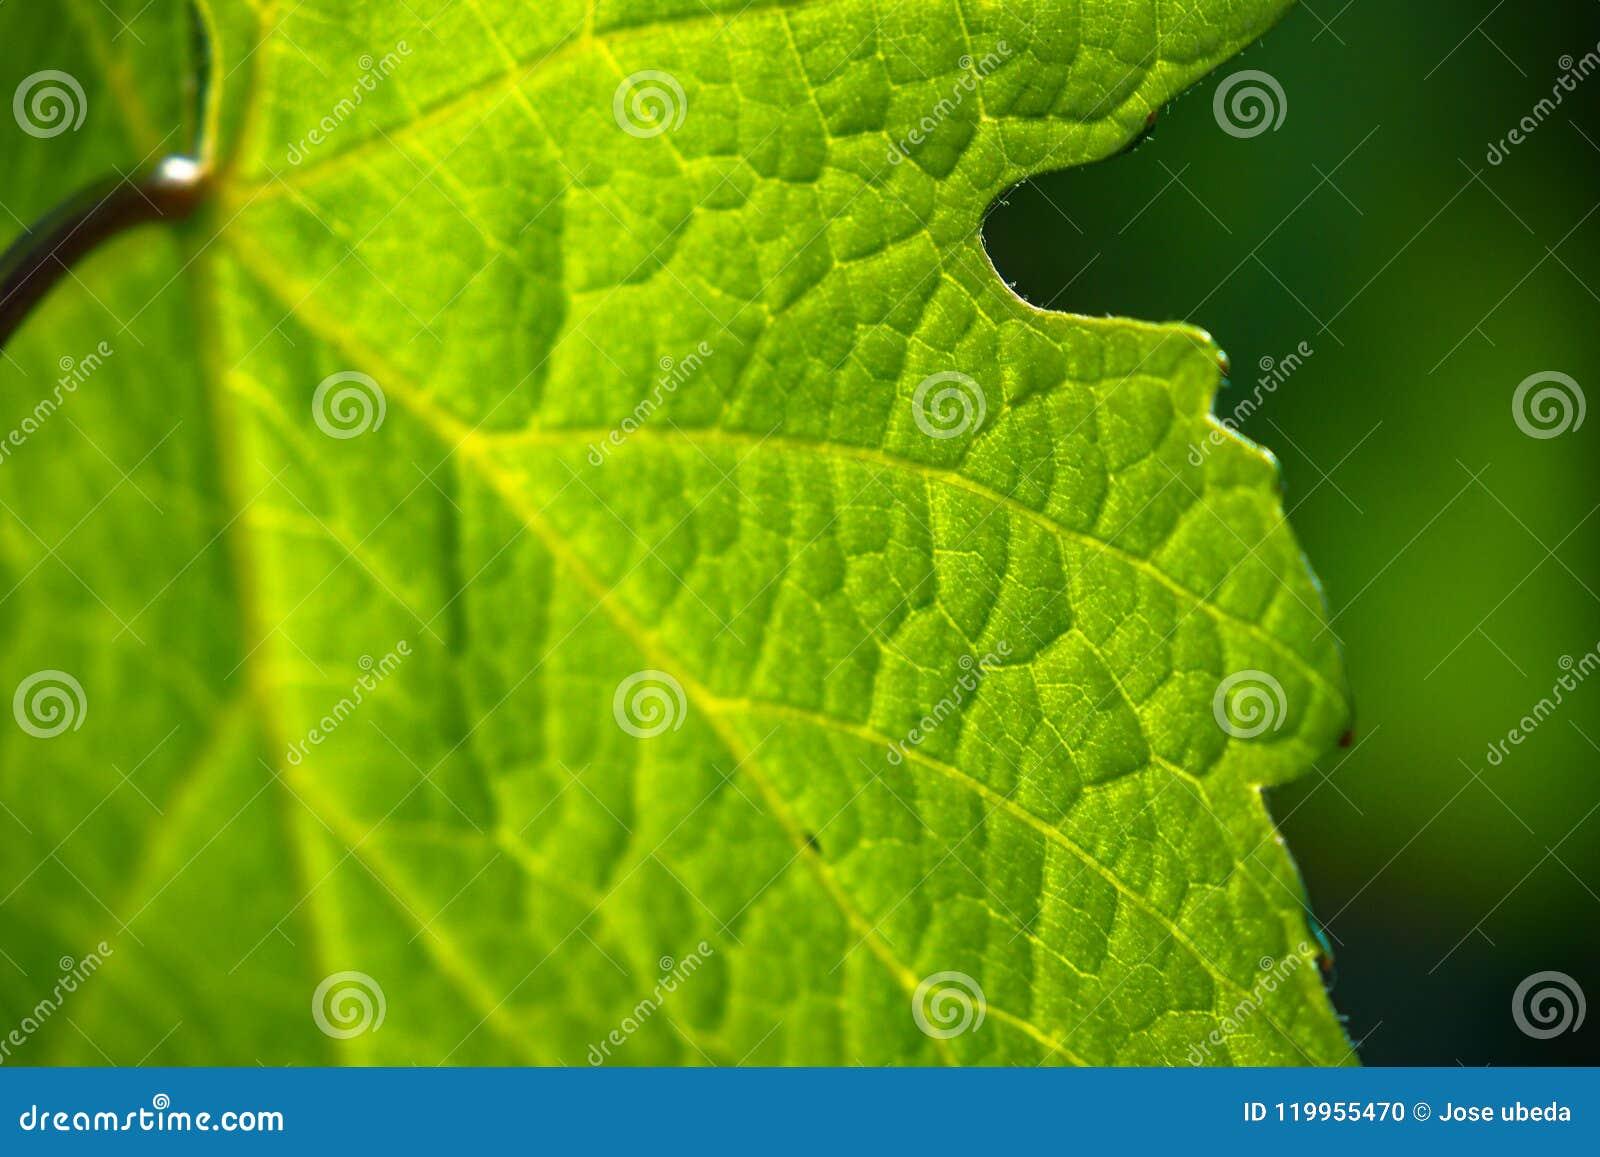 Πράσινη χλωροφύλλη όπου το φύλλο εκτελεί τη φωτοσύνθεση